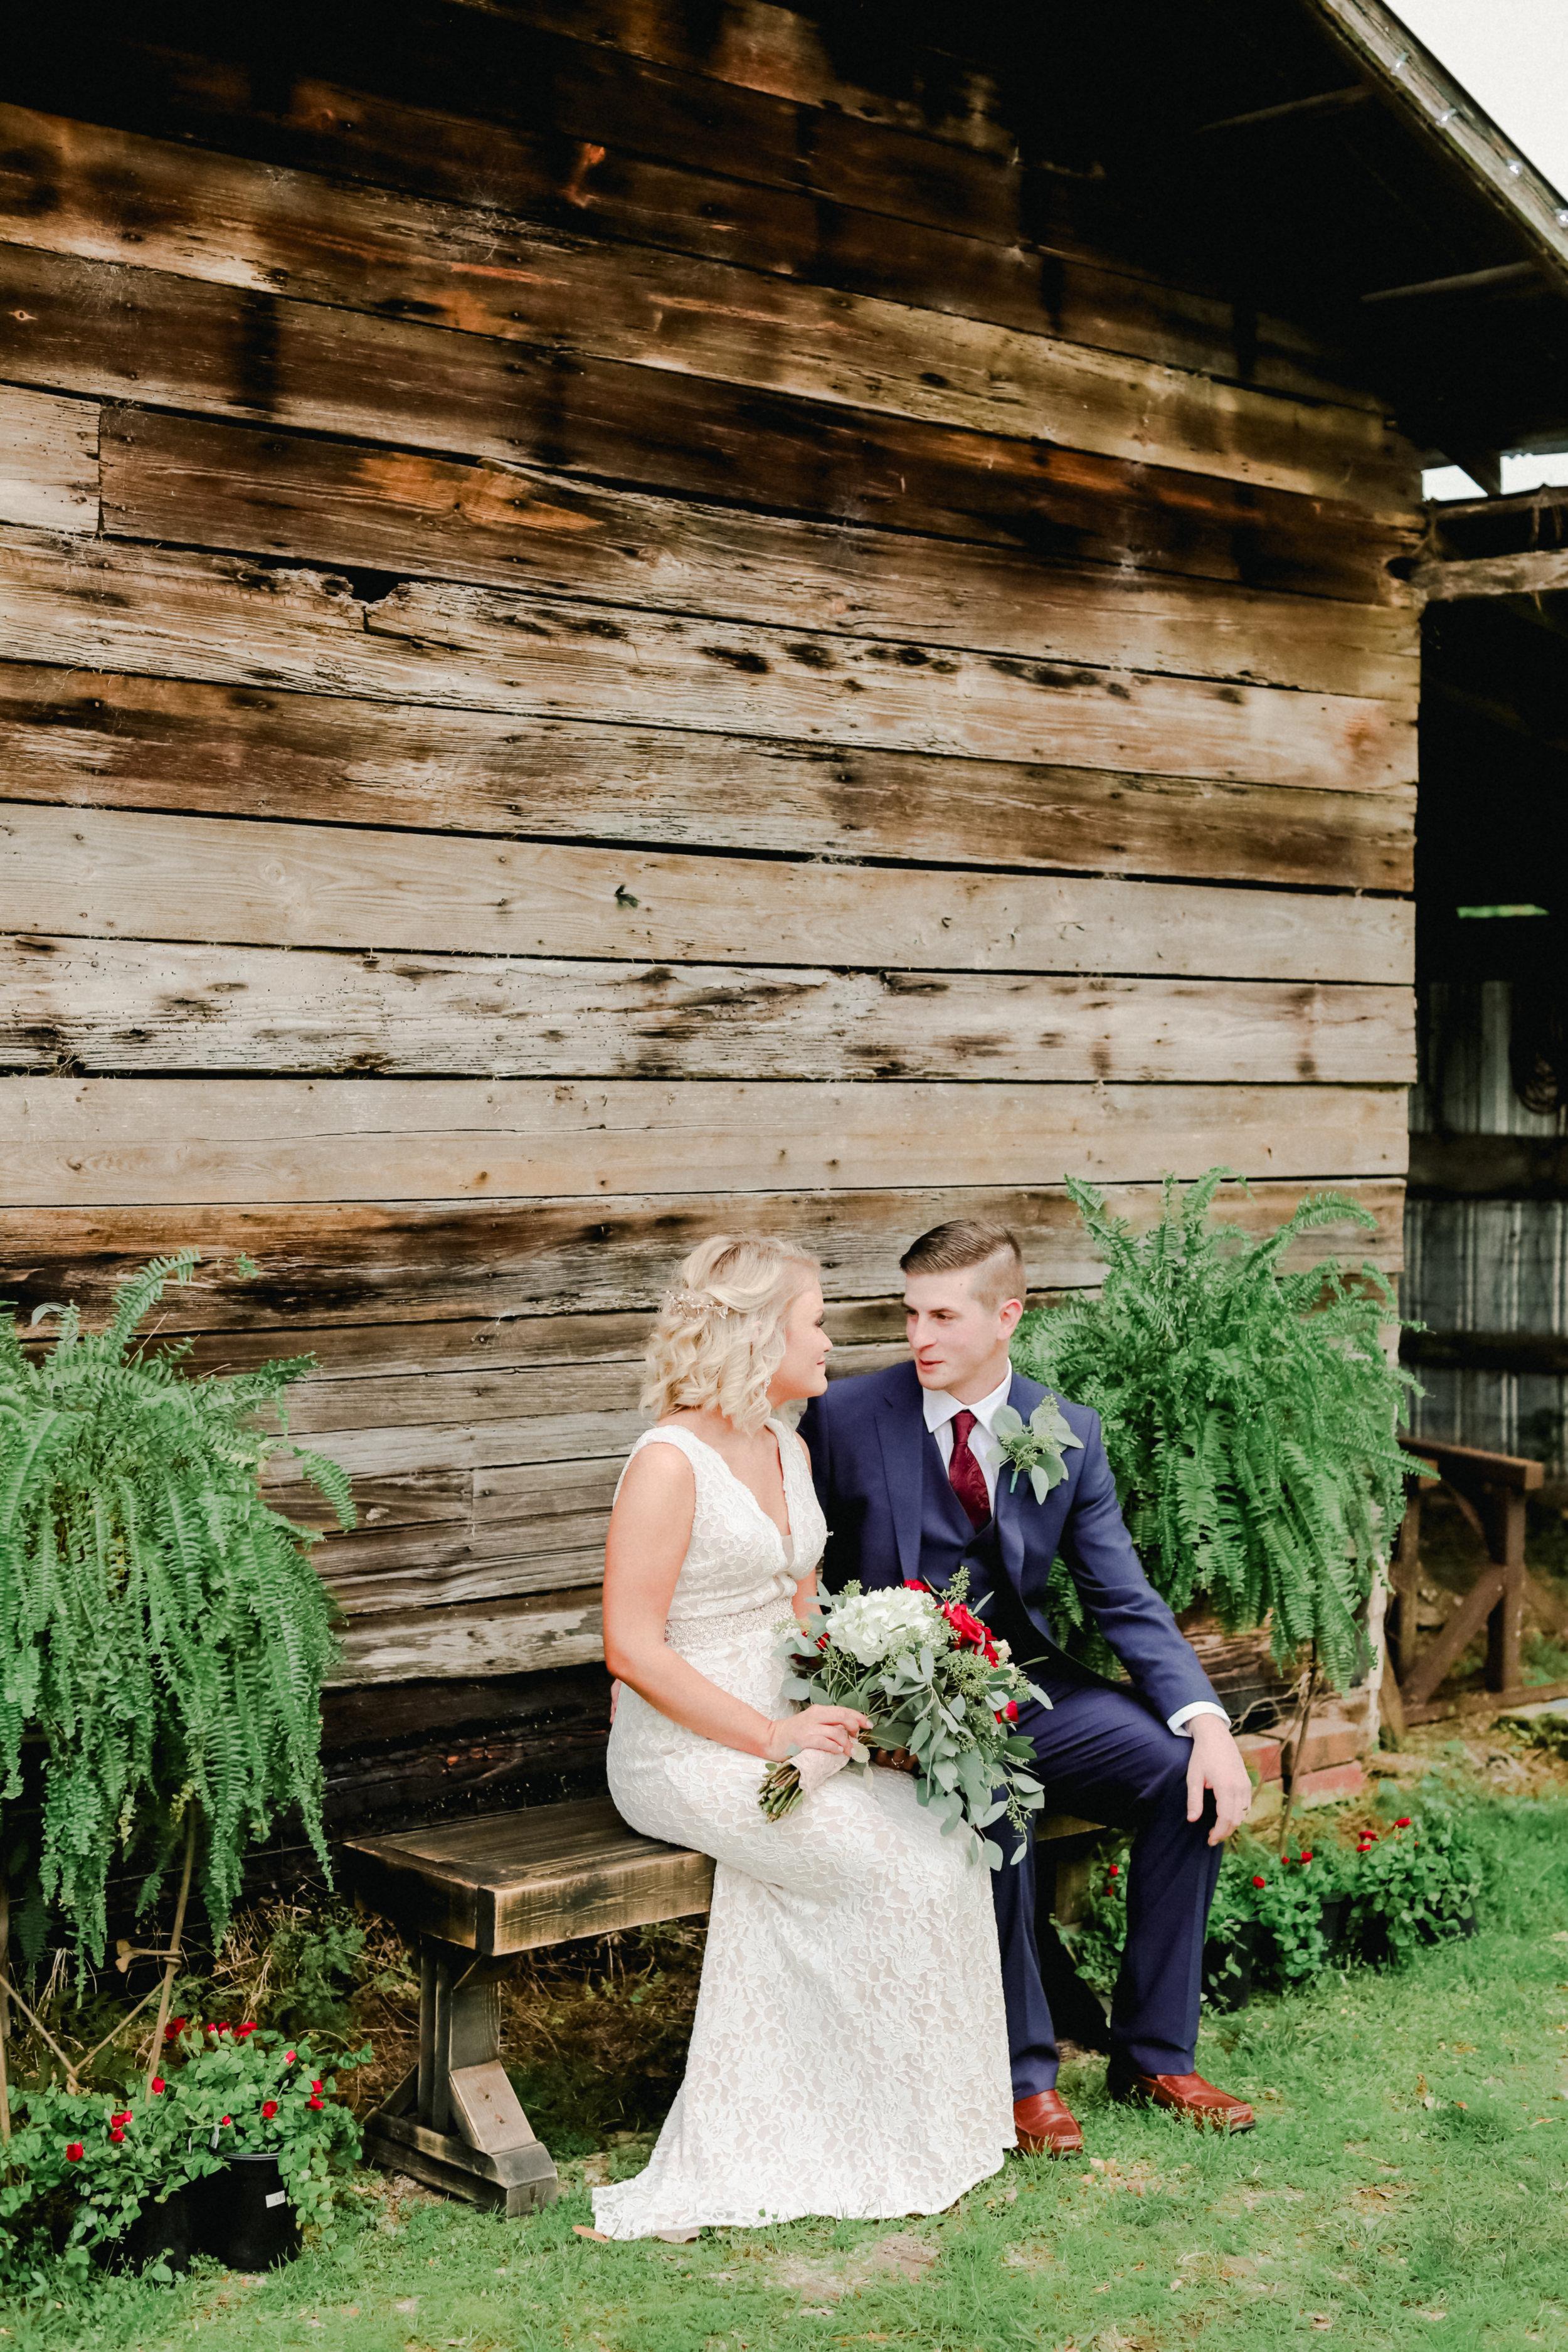 sara_kyle_married_newlywed_finals_2019-11.jpg